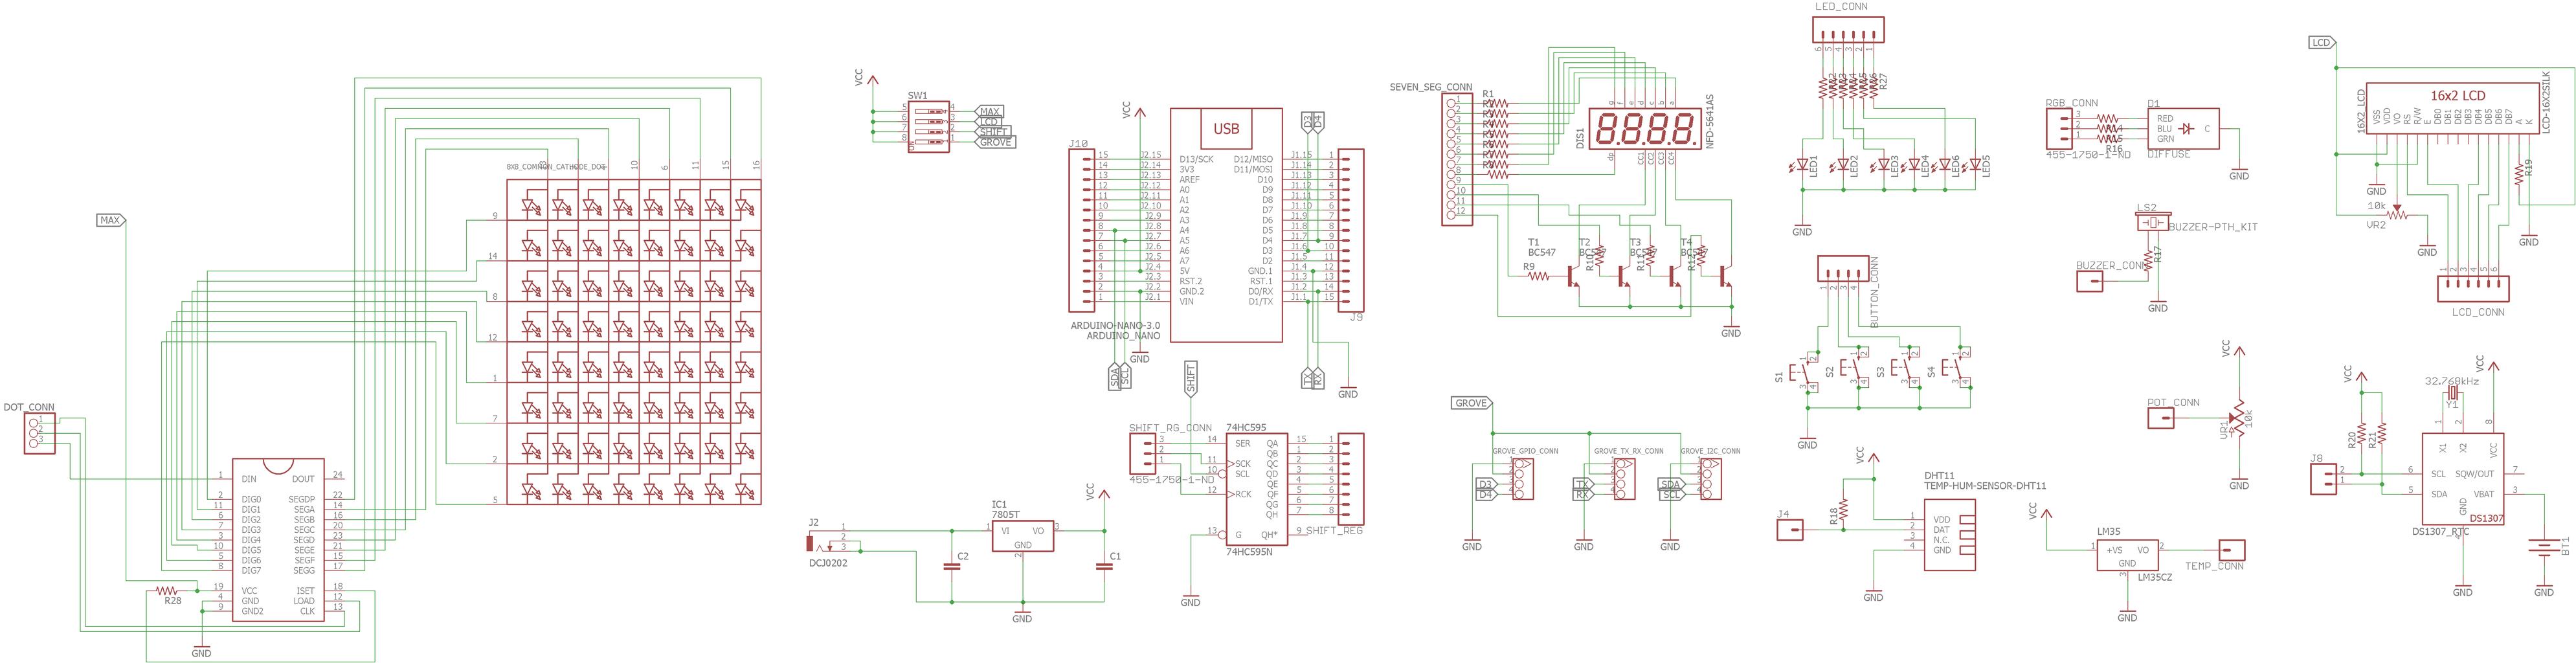 Designing Schematic